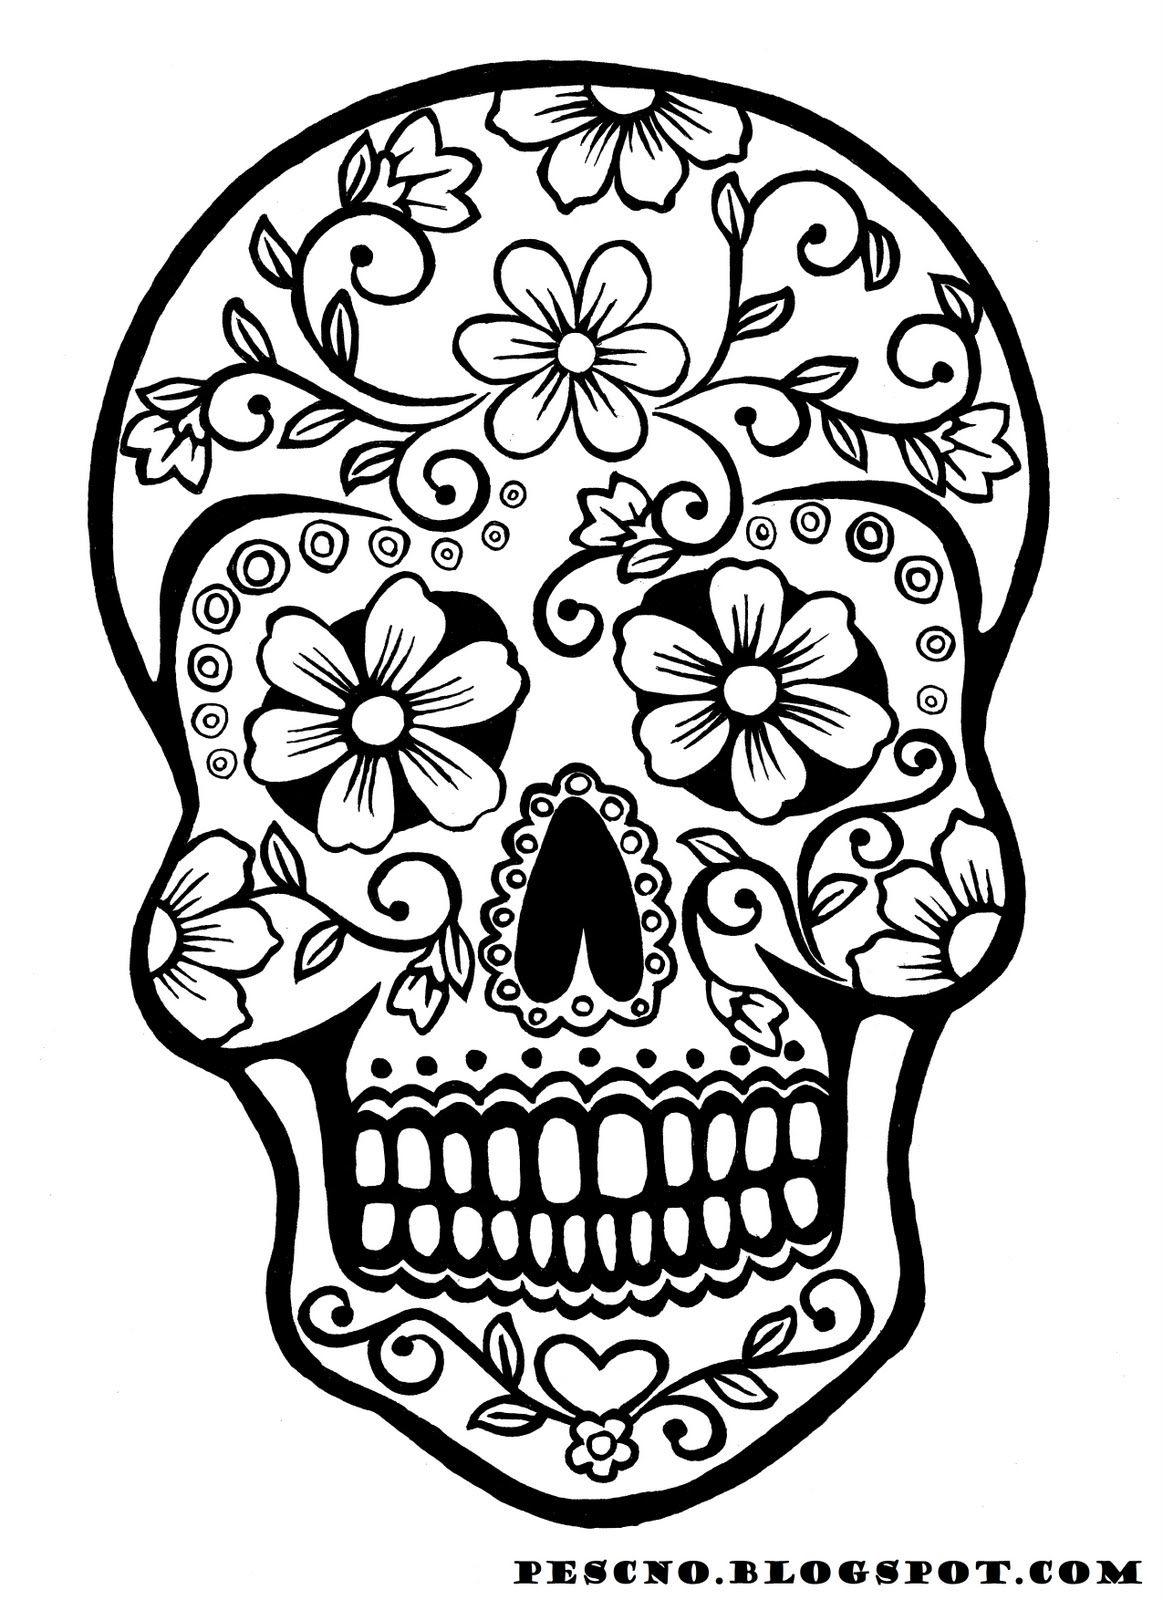 Sugar Skull Coloring Pages Tryk På Billedet For En Stor Udgave